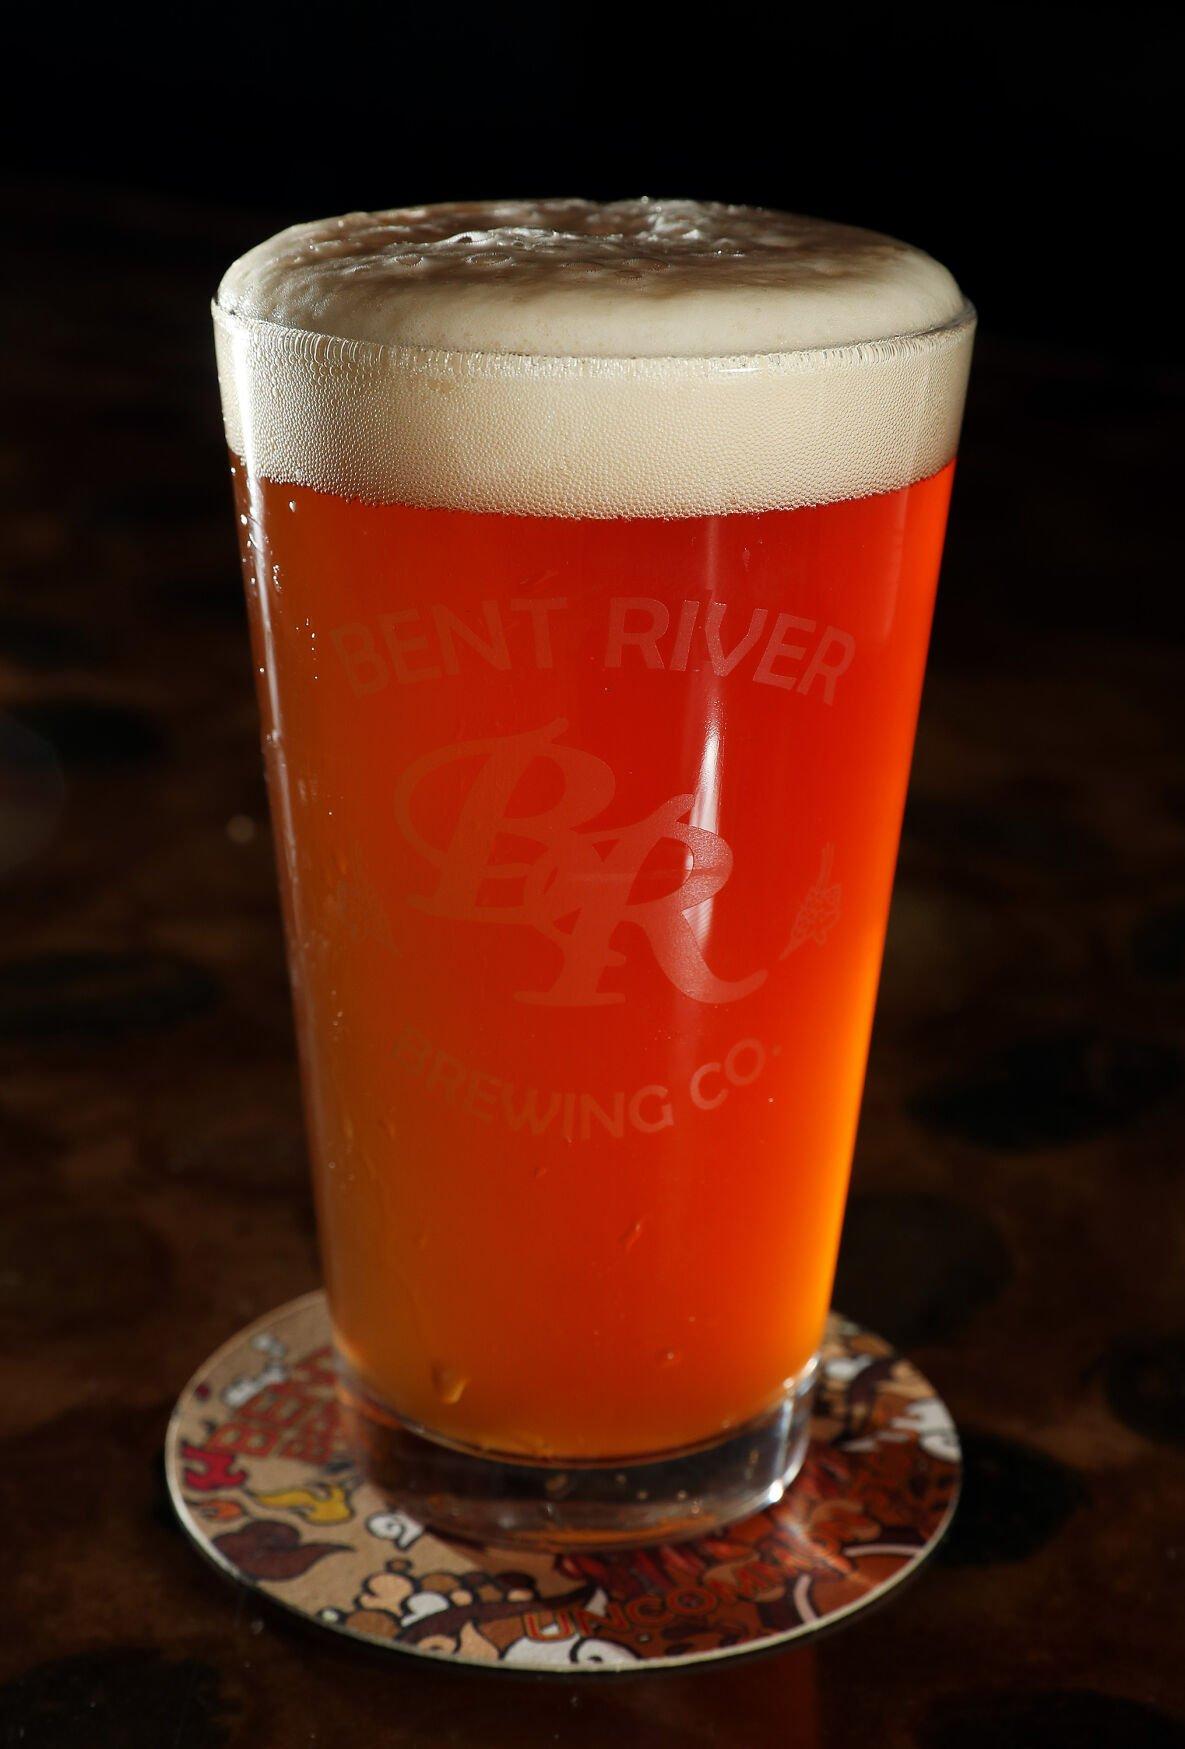 121319-mda-fea-beerpairings-004